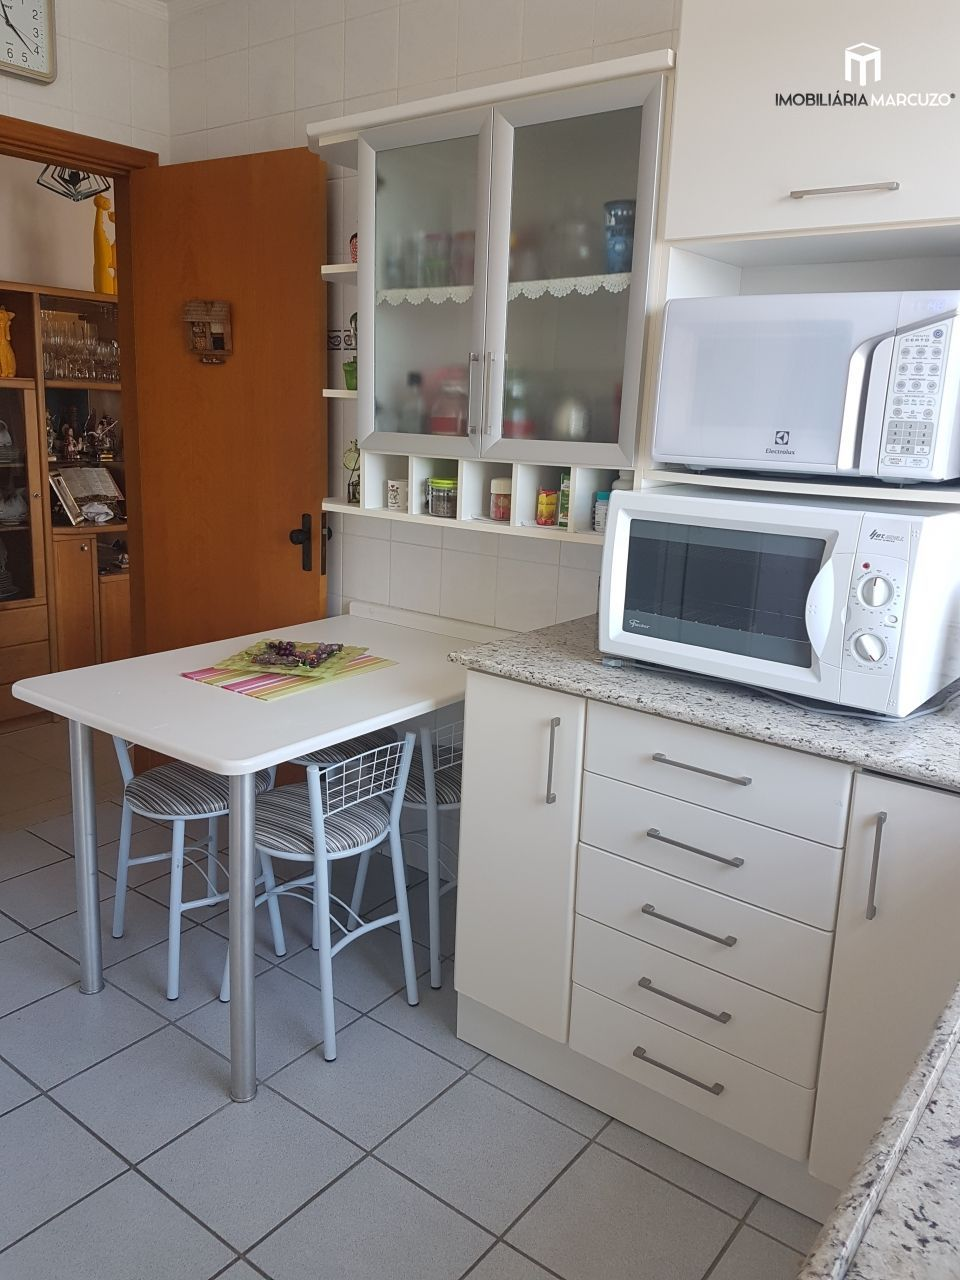 Apartamento com 3 Dormitórios à venda, 110 m² por R$ 485.000,00